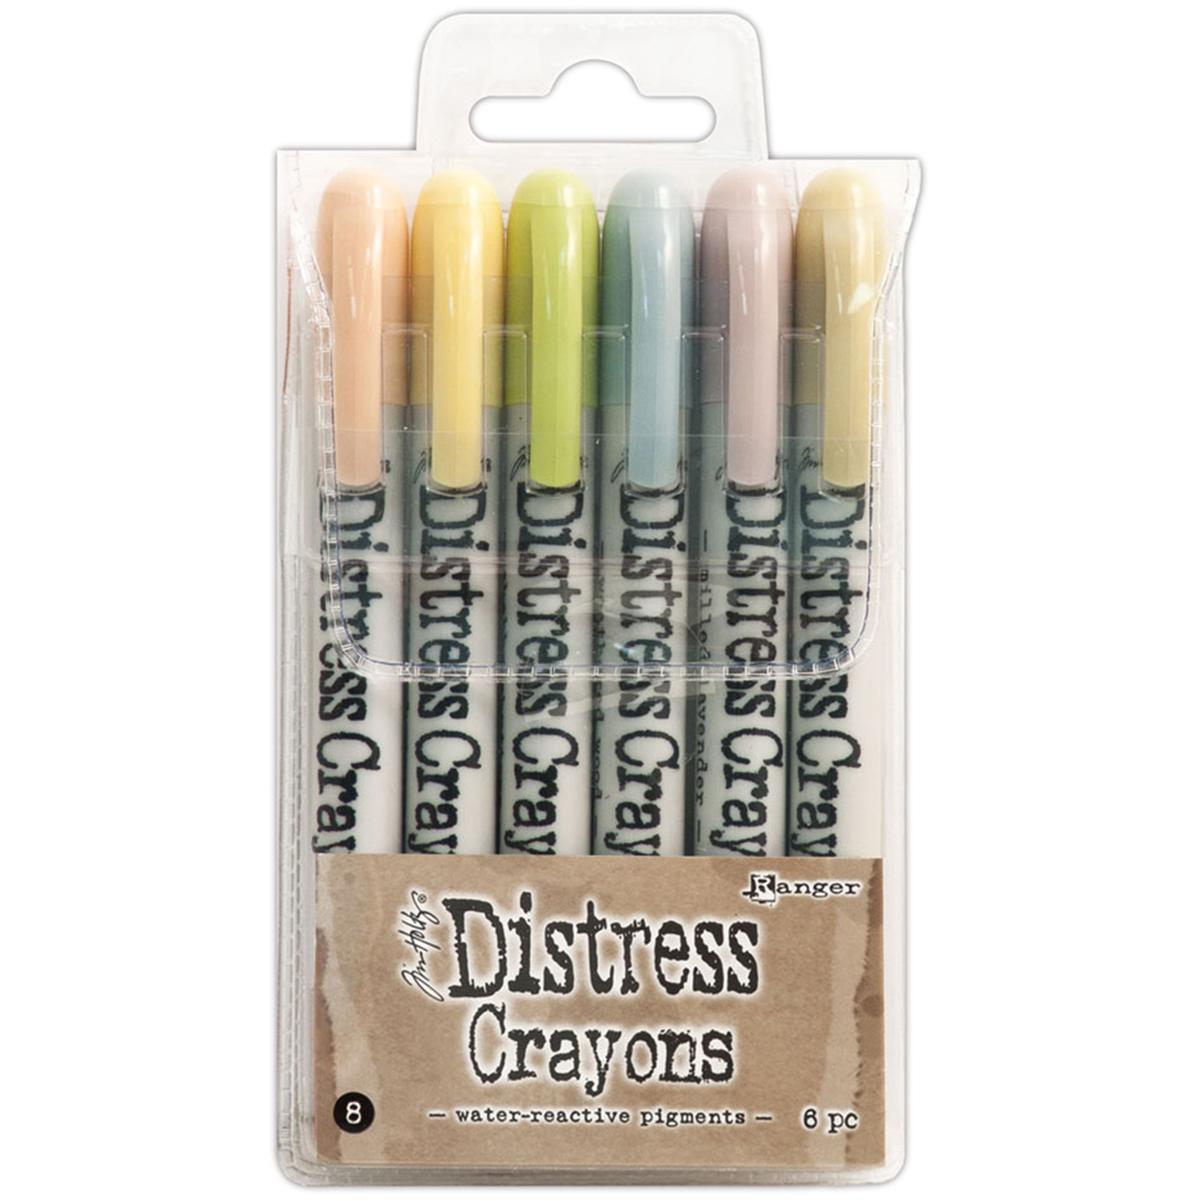 Distress cllrayons set 8